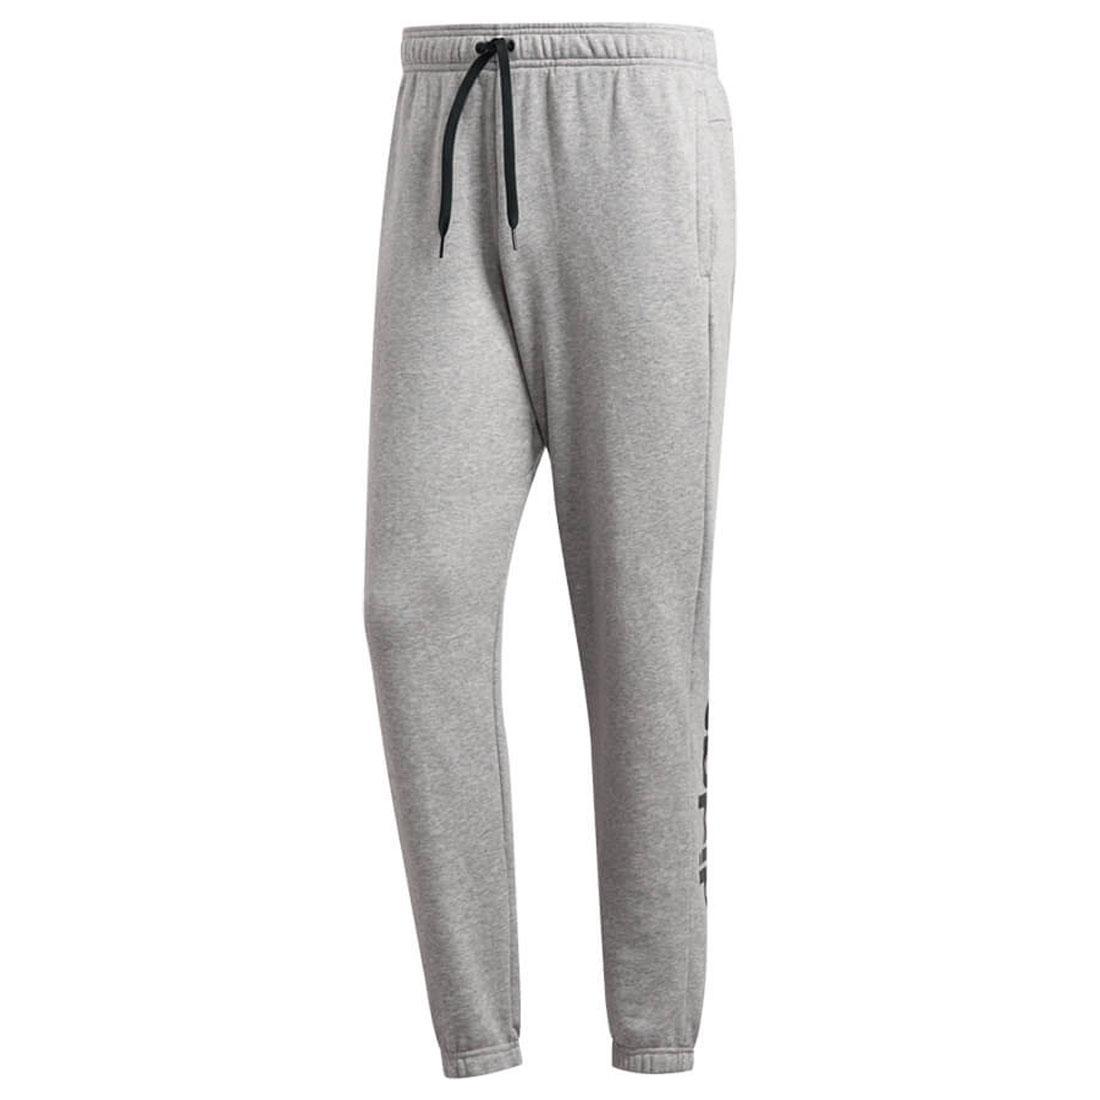 Dettagli su Adidas Core Essentials Lineare Uomo Pantaloni Tuta Palestra Affusolato